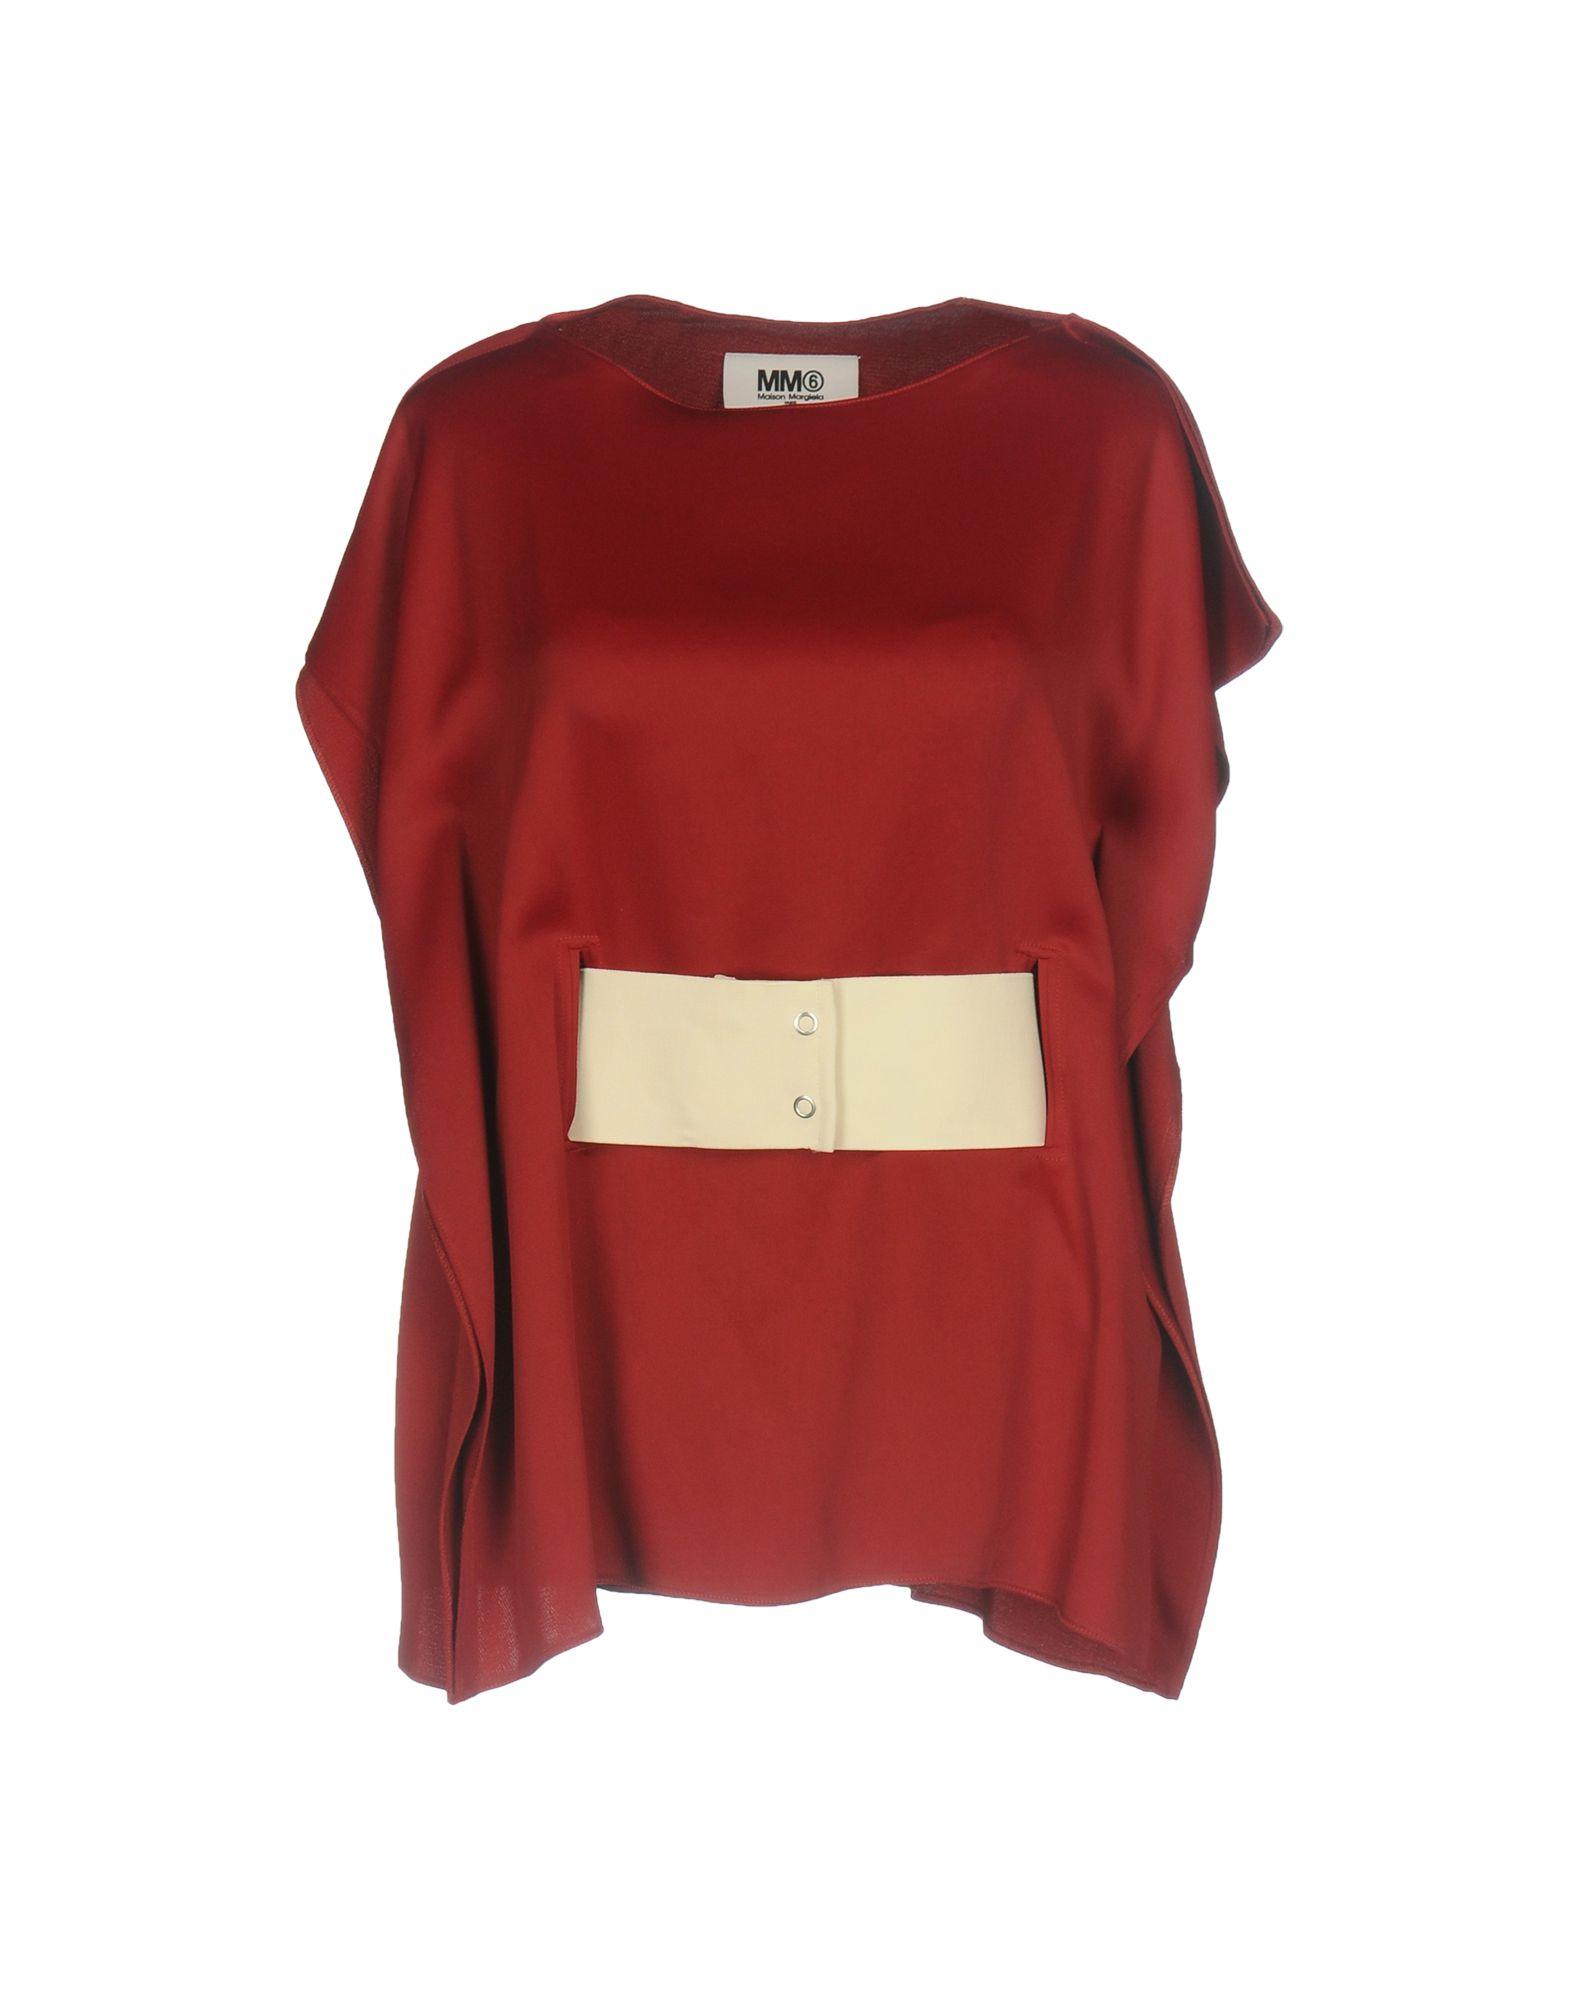 MM6 MAISON MARGIELA Damen Bluse Farbe Bordeaux Größe 3